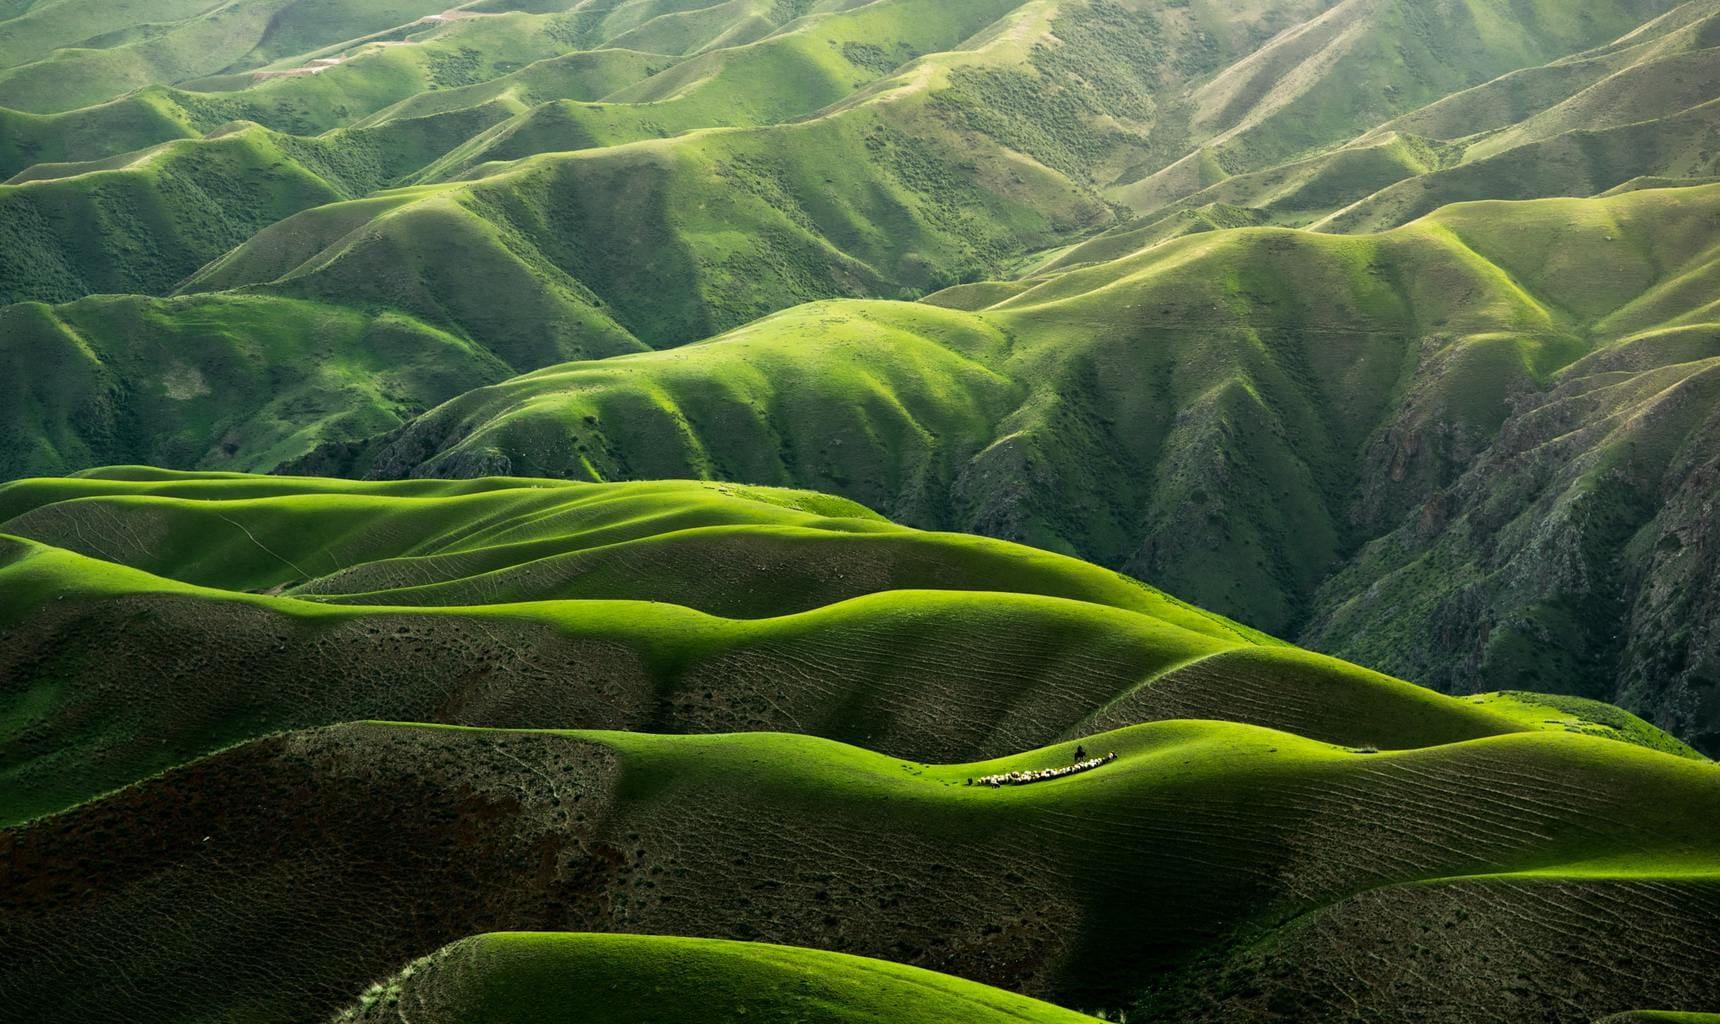 Paisaje a vista de pájaro de montañas verdes